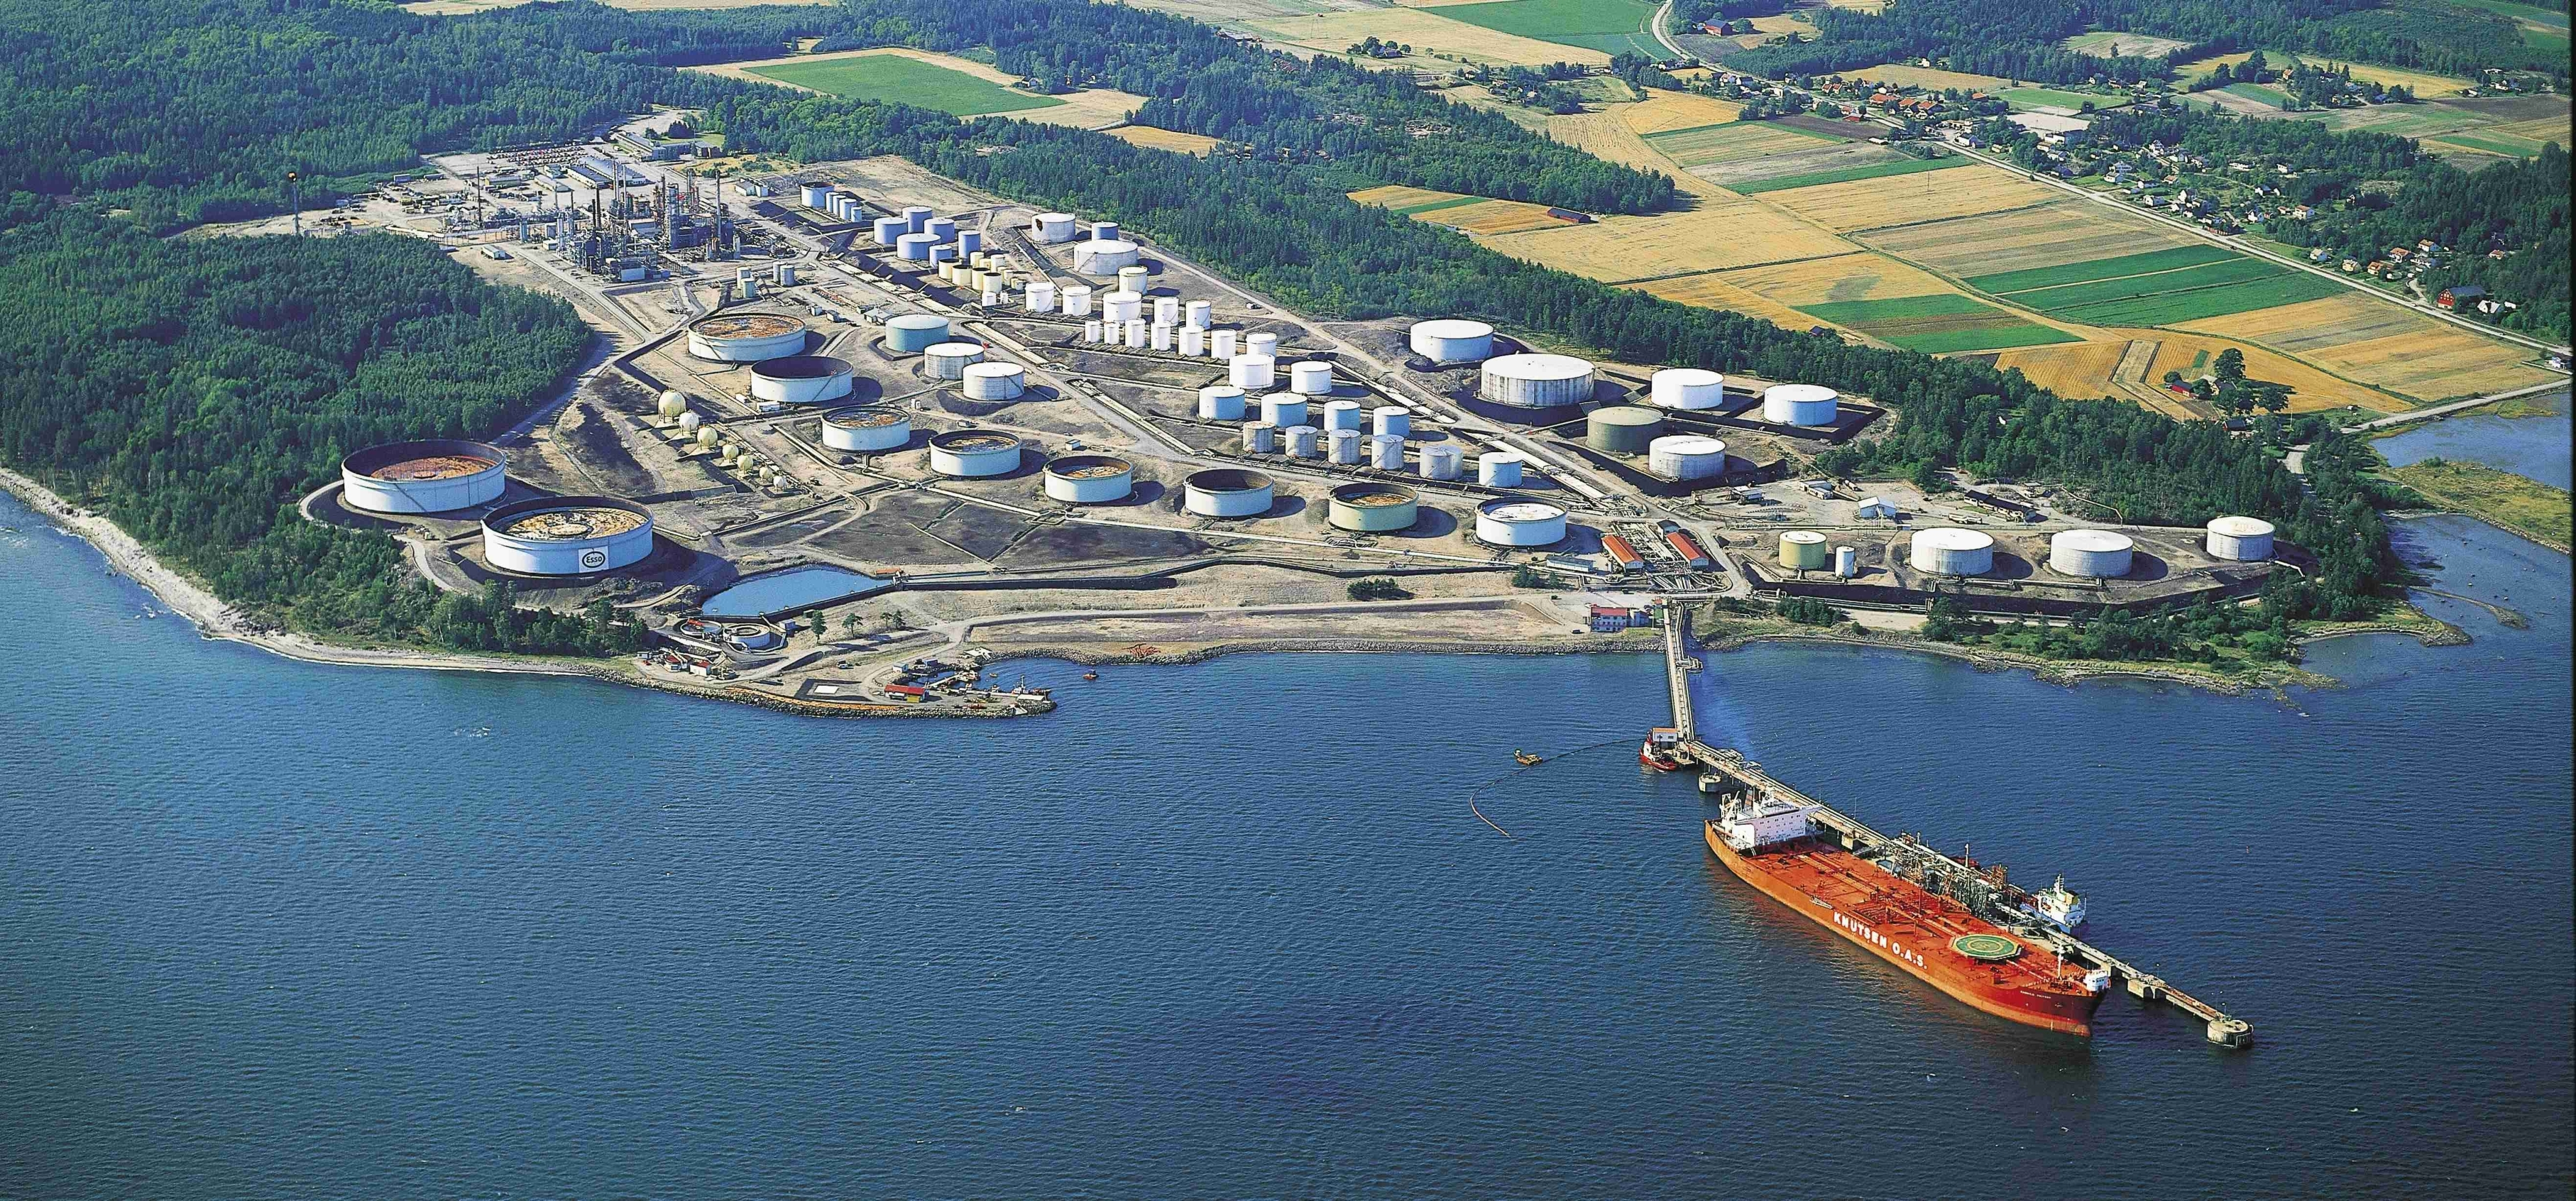 ExxonMobil's Slagen refinery (Photo: Business Wire)